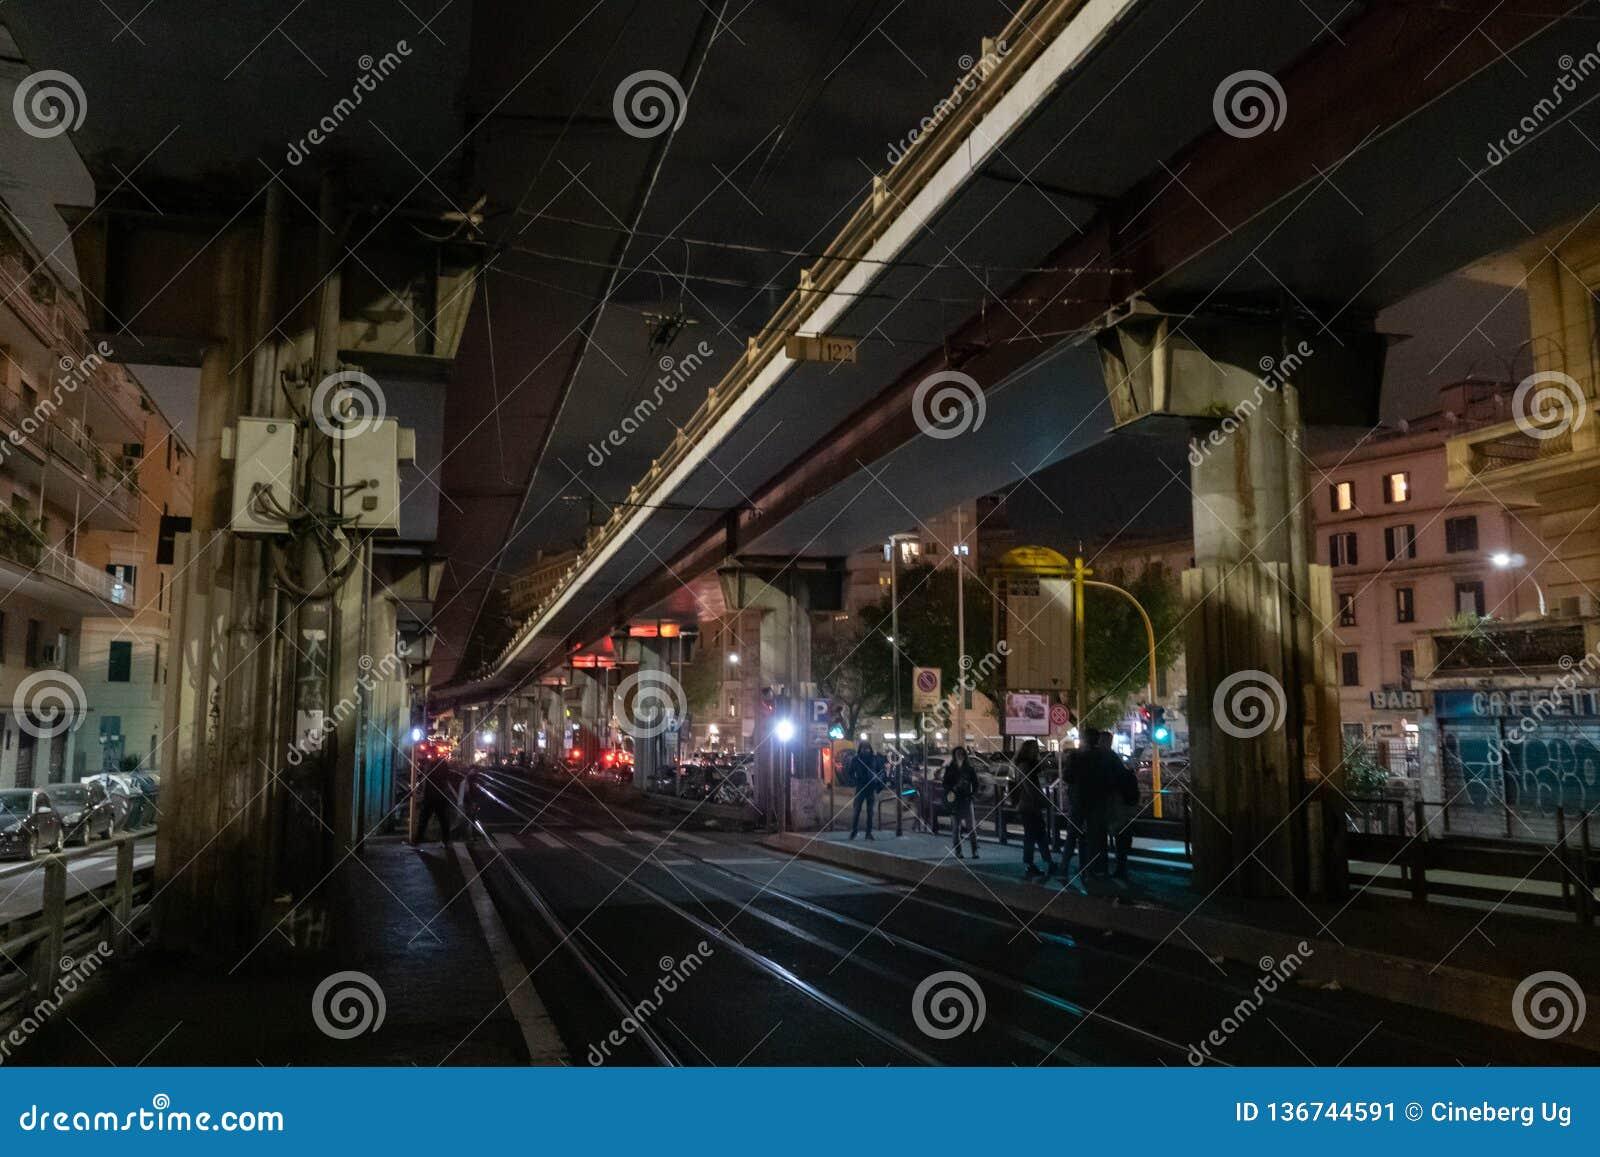 Pistas de tranvía en la noche